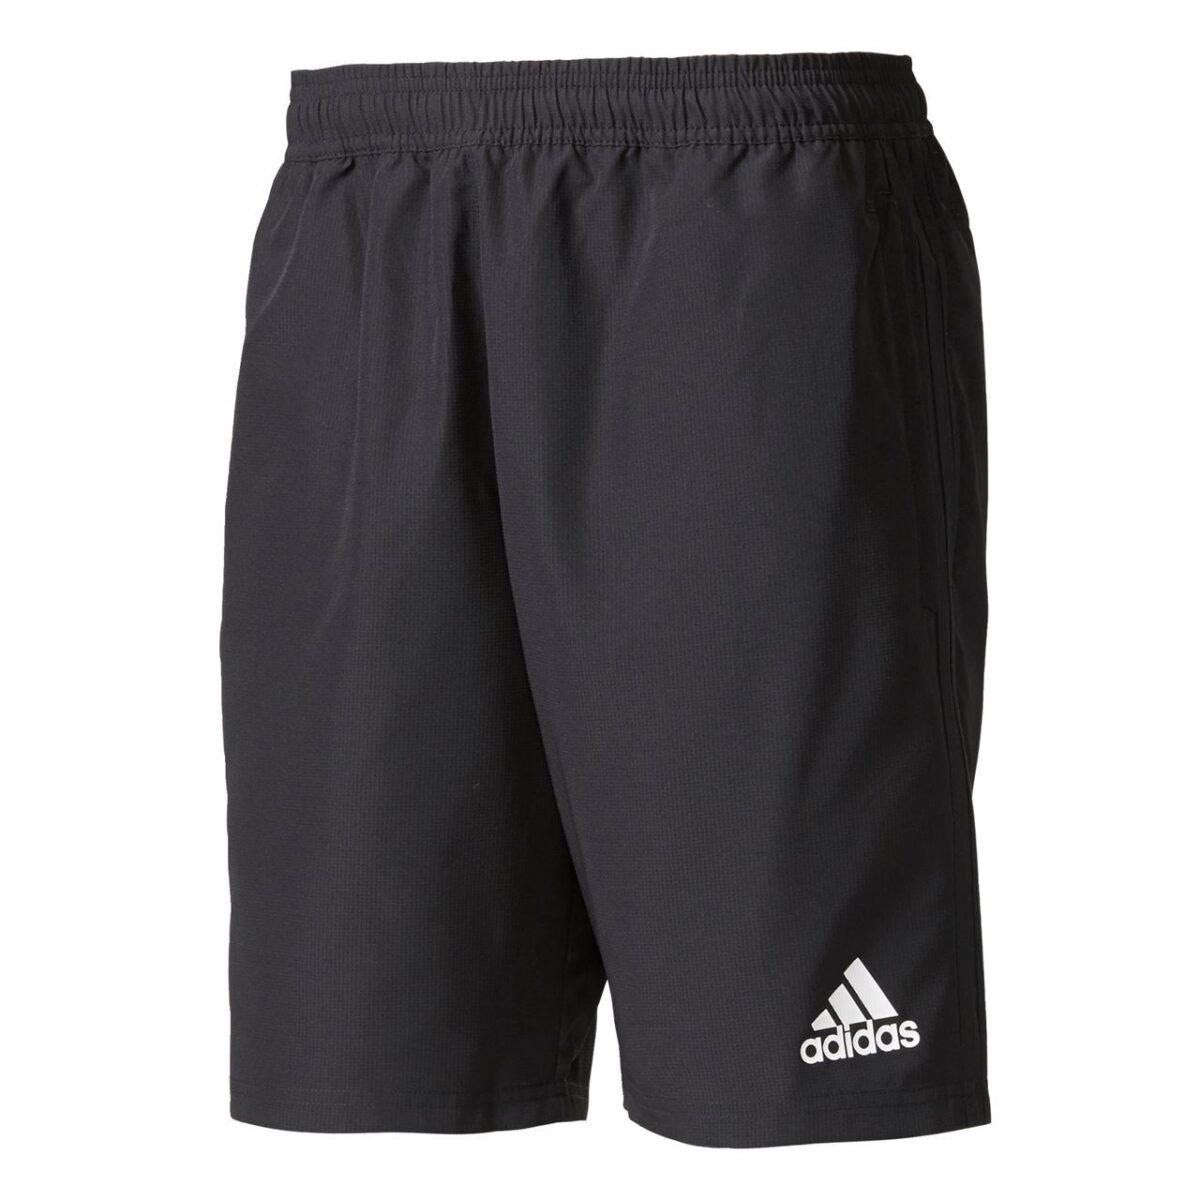 Adidas Tiro 17 Woven Shorts - Black AY2891